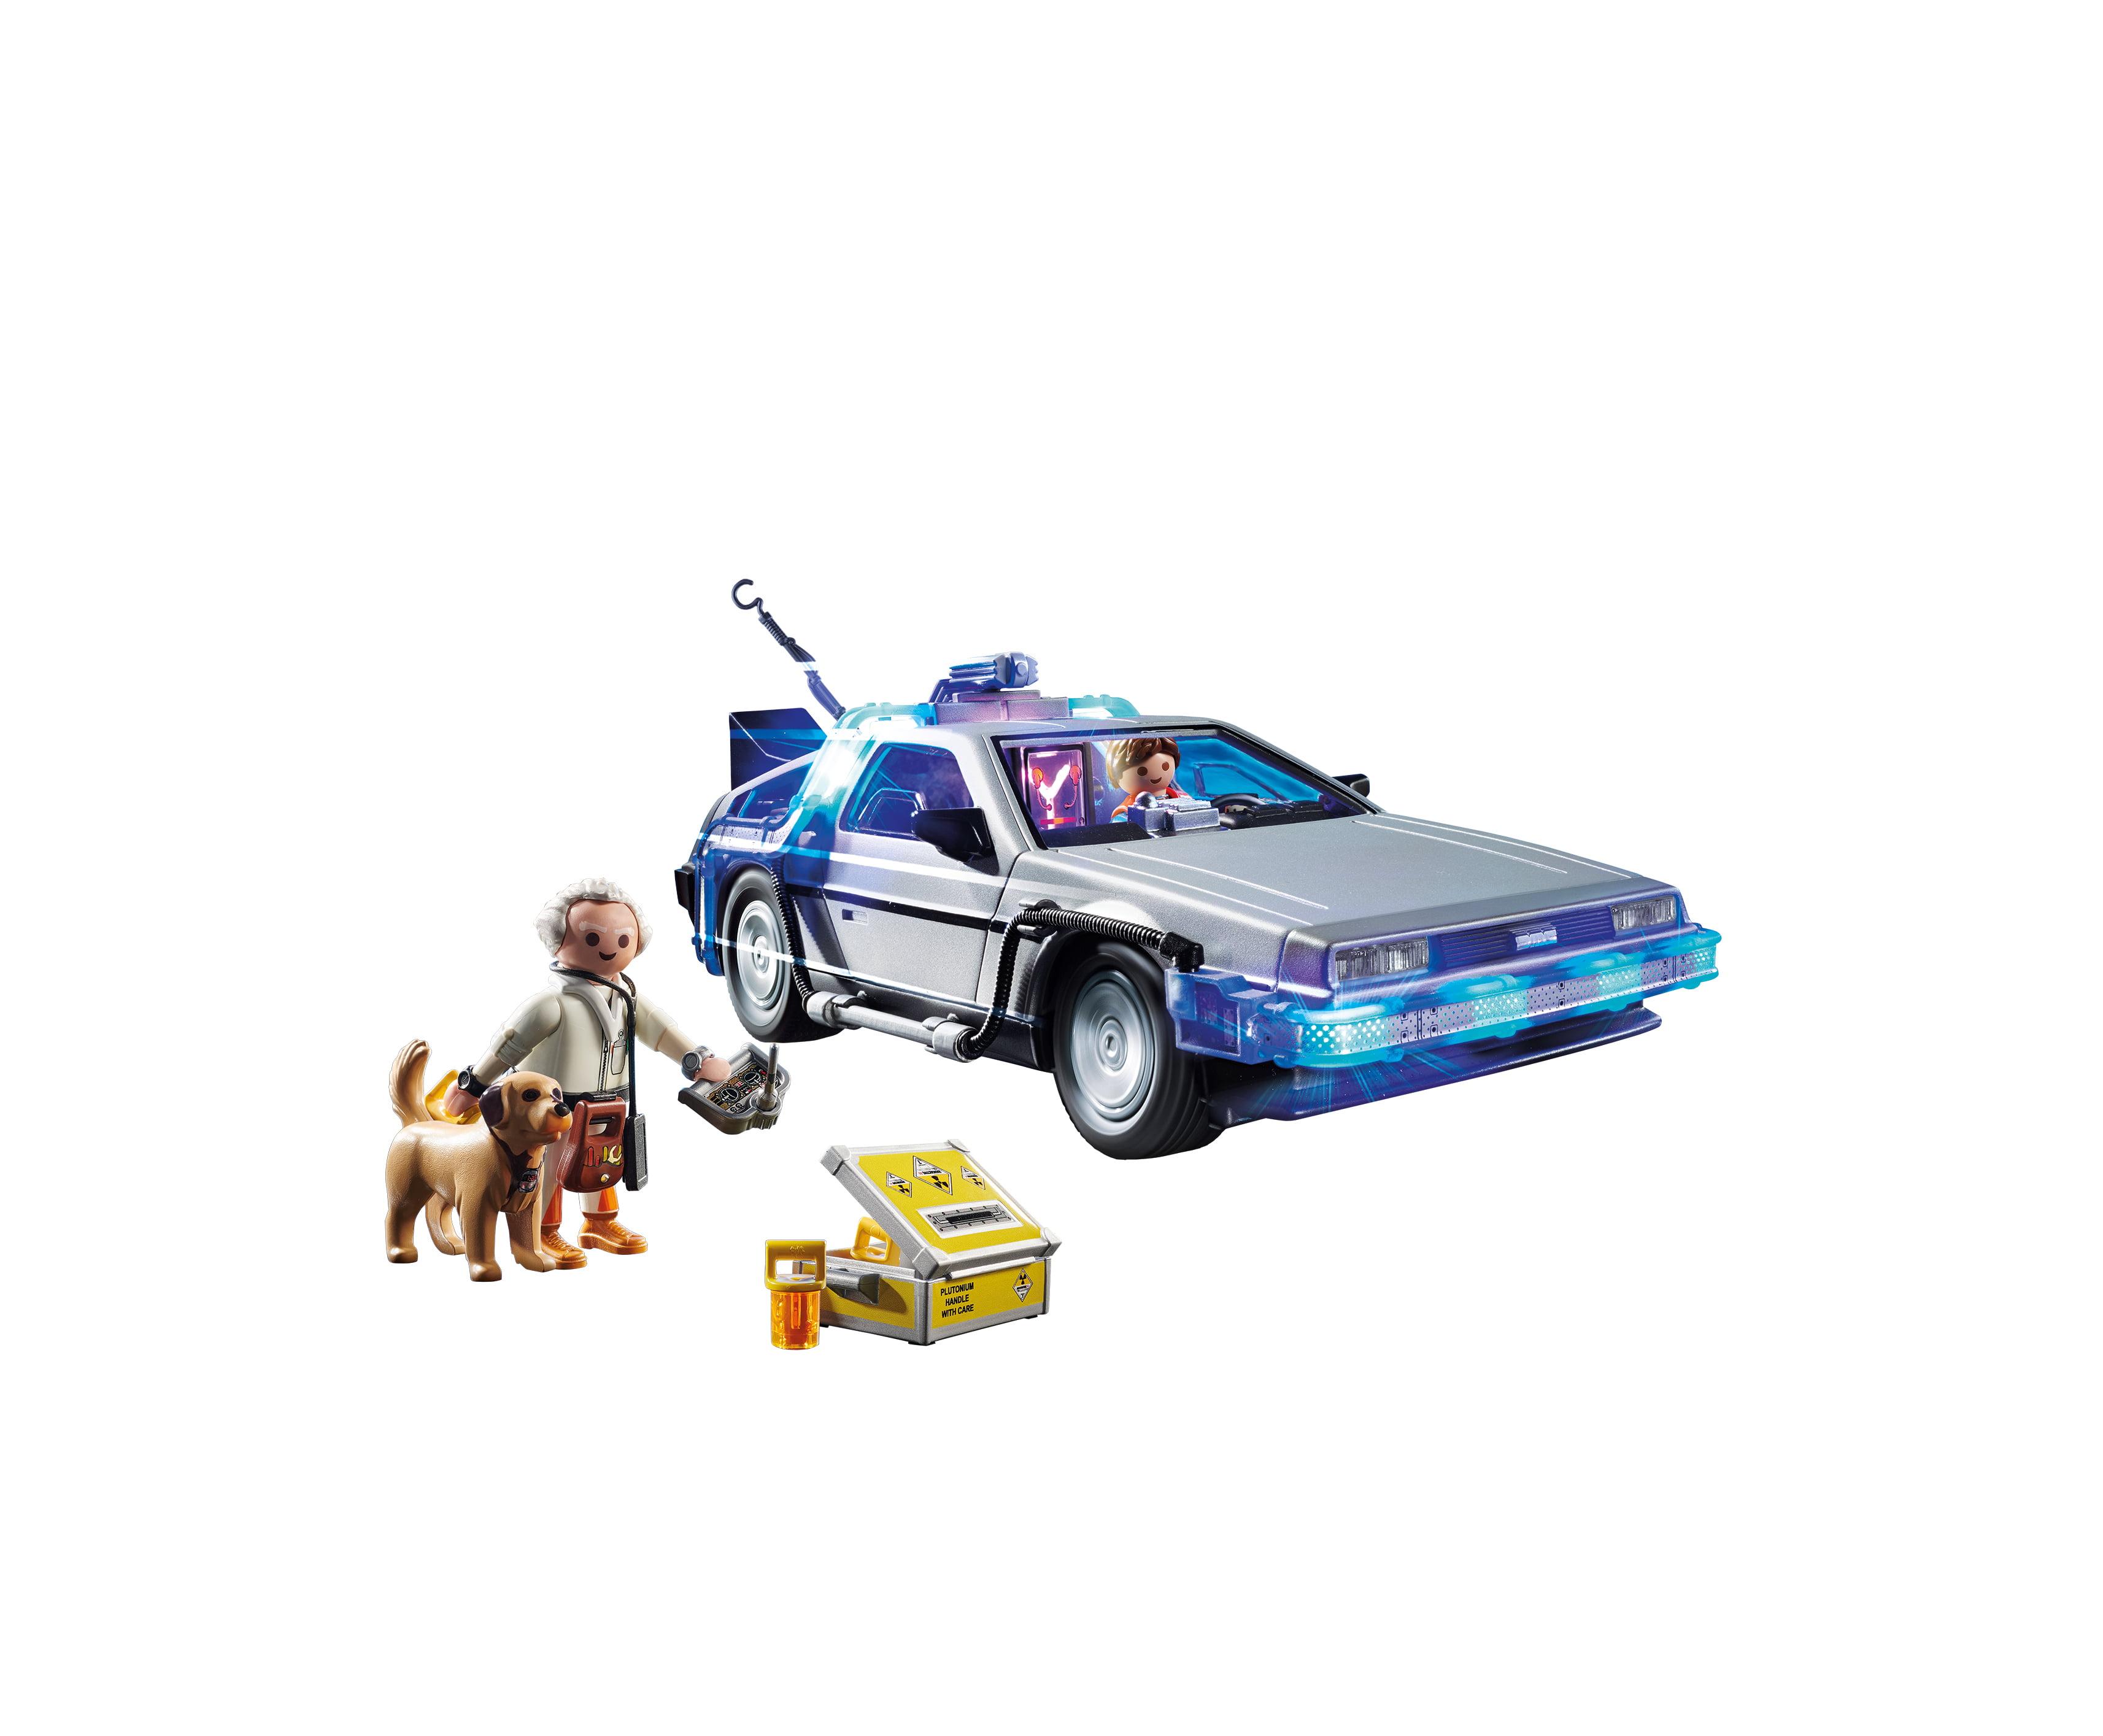 70317 back to the future DeLorean PLAYMOBIL